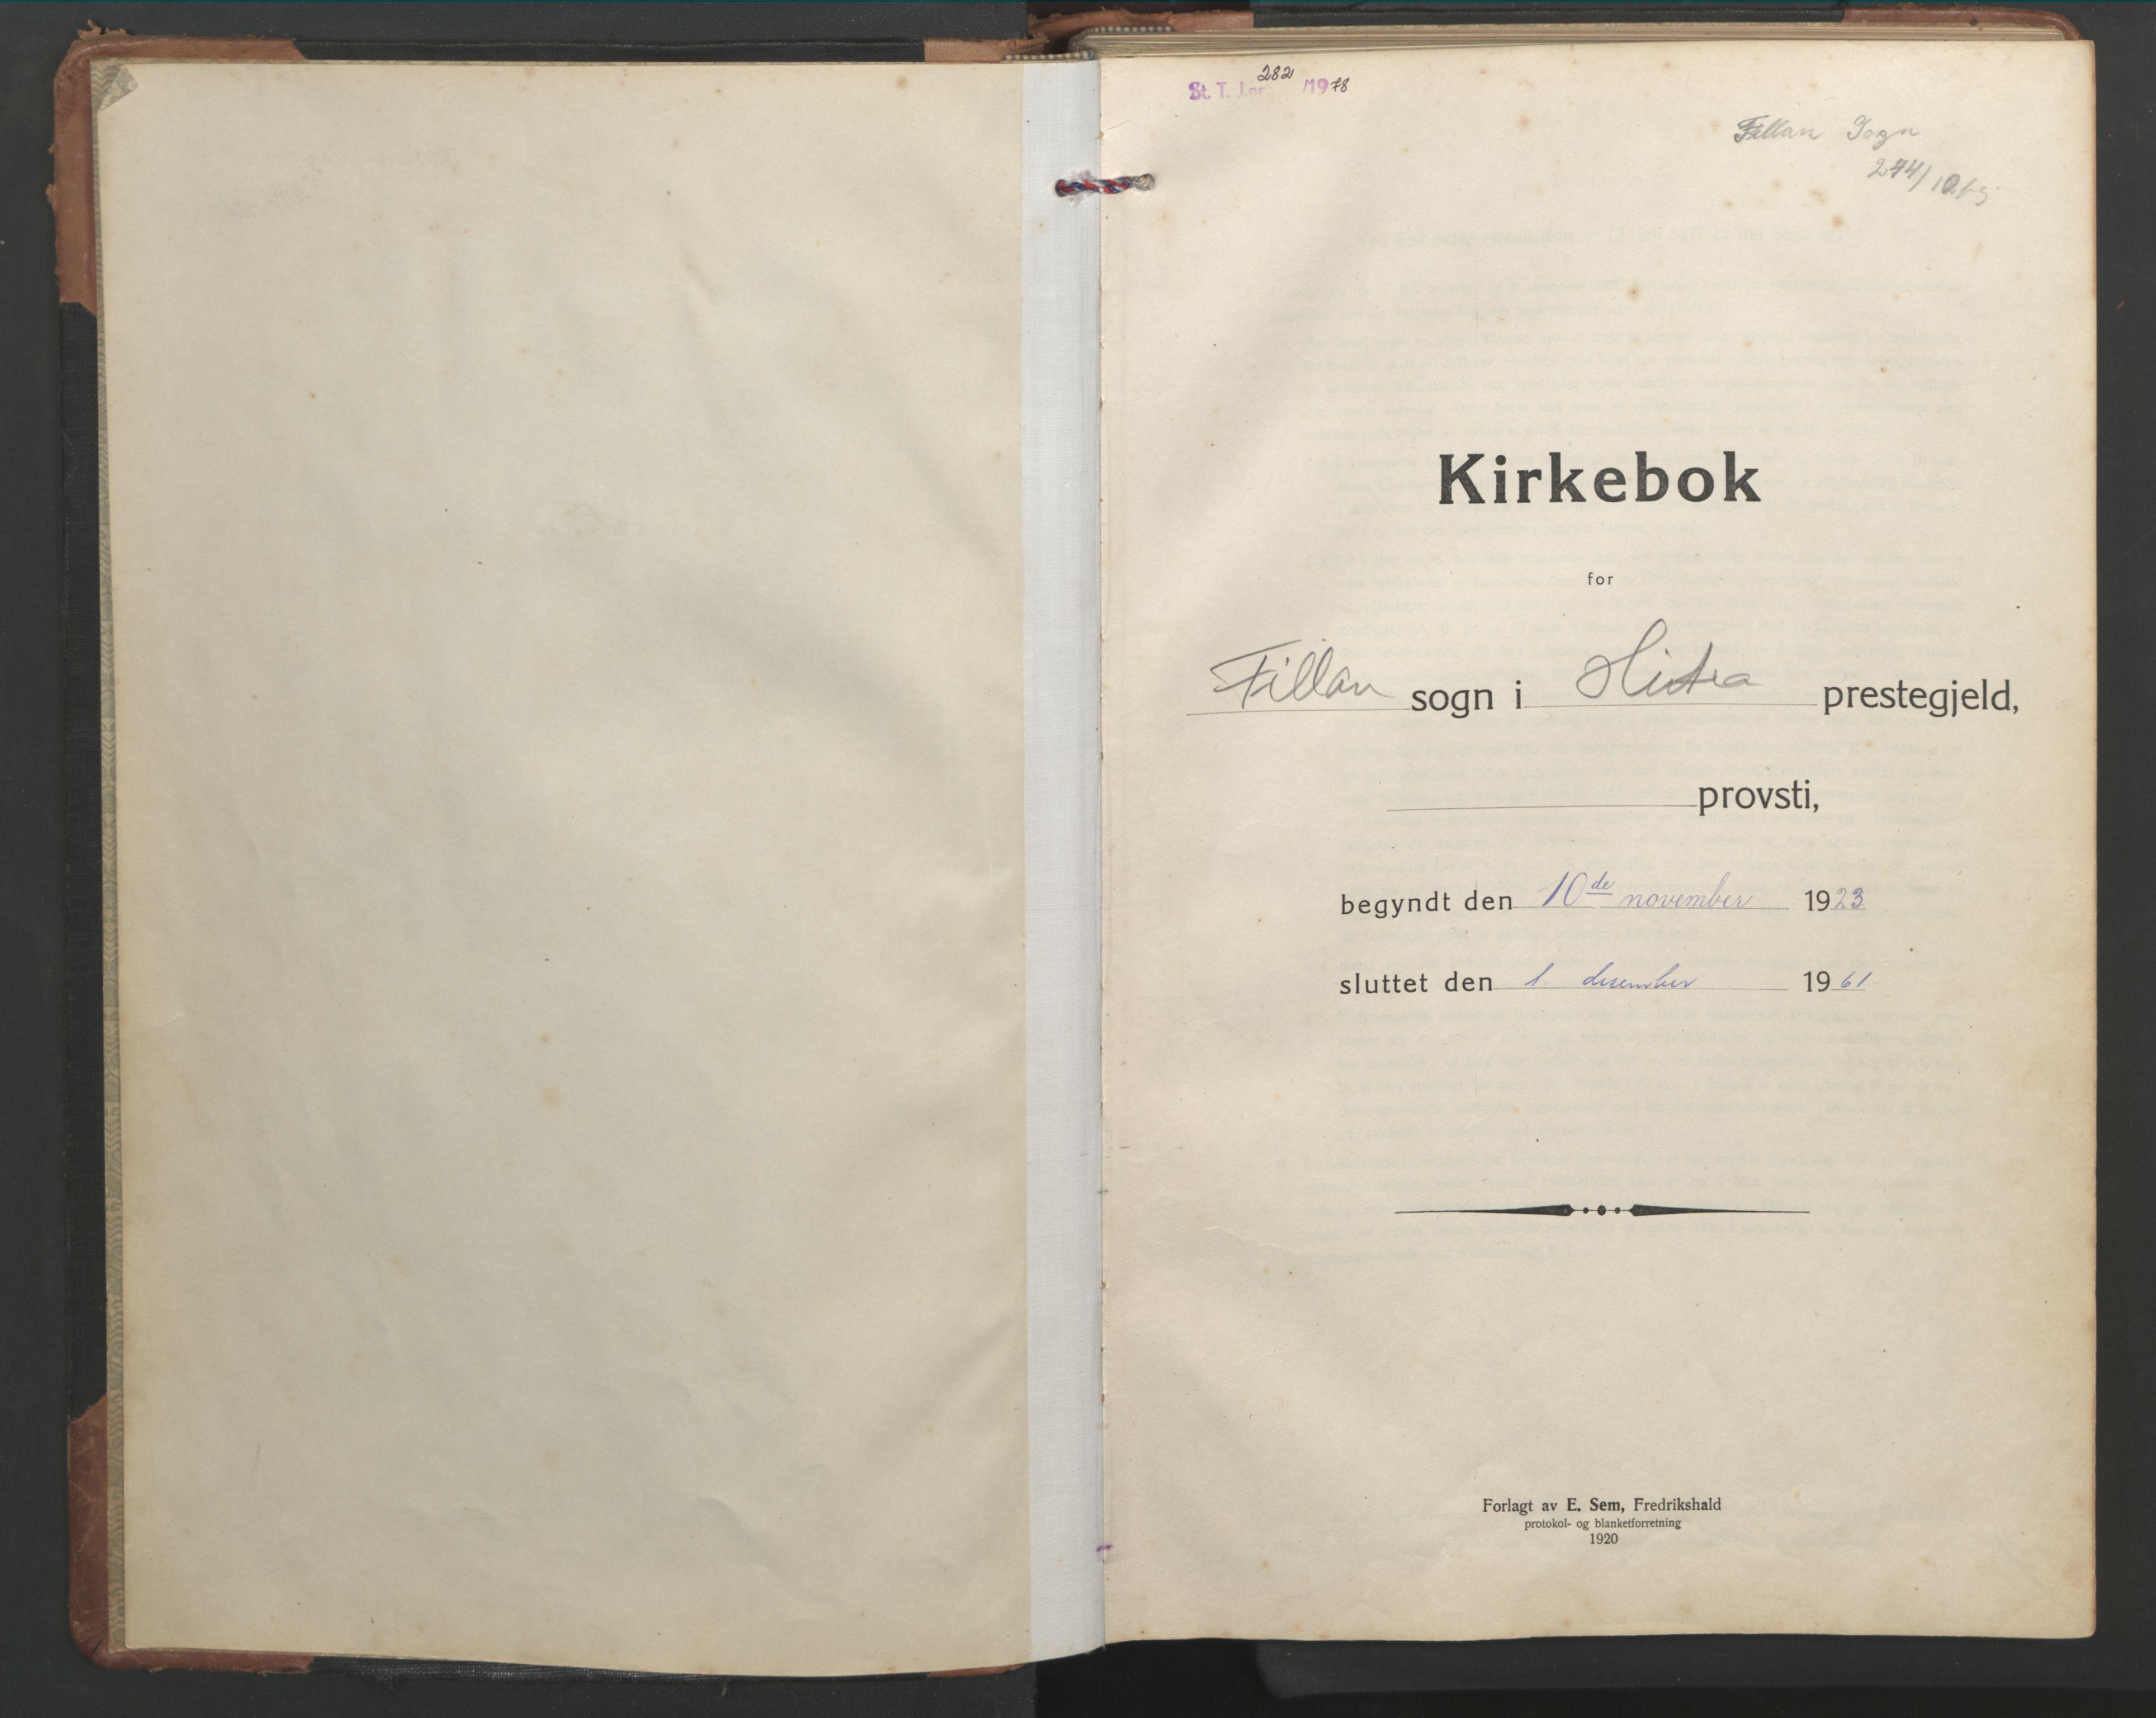 SAT, Ministerialprotokoller, klokkerbøker og fødselsregistre - Sør-Trøndelag, 638/L0569: Klokkerbok nr. 638C01, 1923-1961